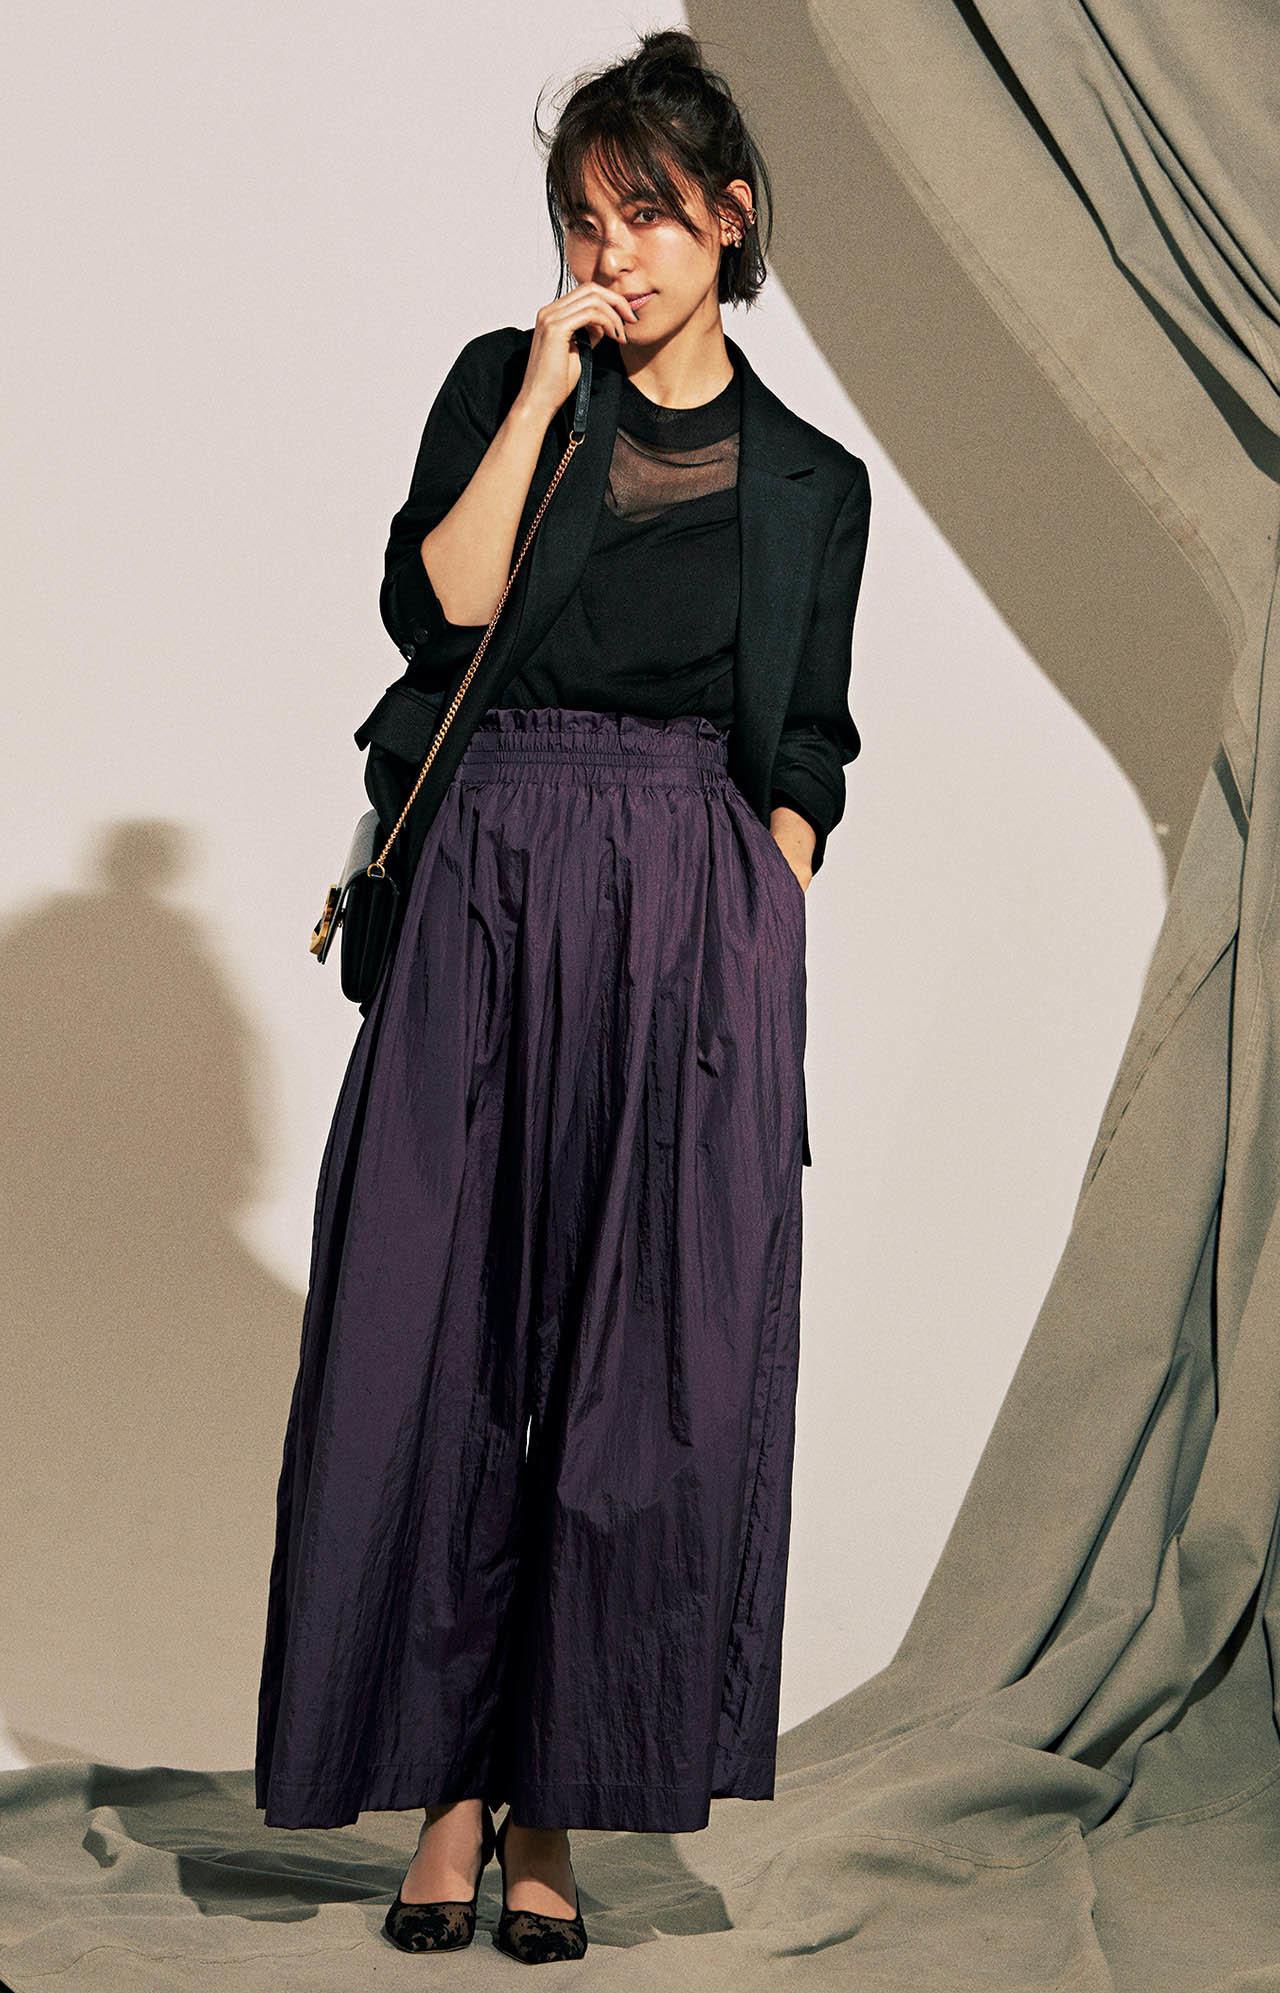 黒ジャケット×パープルのツヤパンツコーデを着たモデルの小泉里子さん